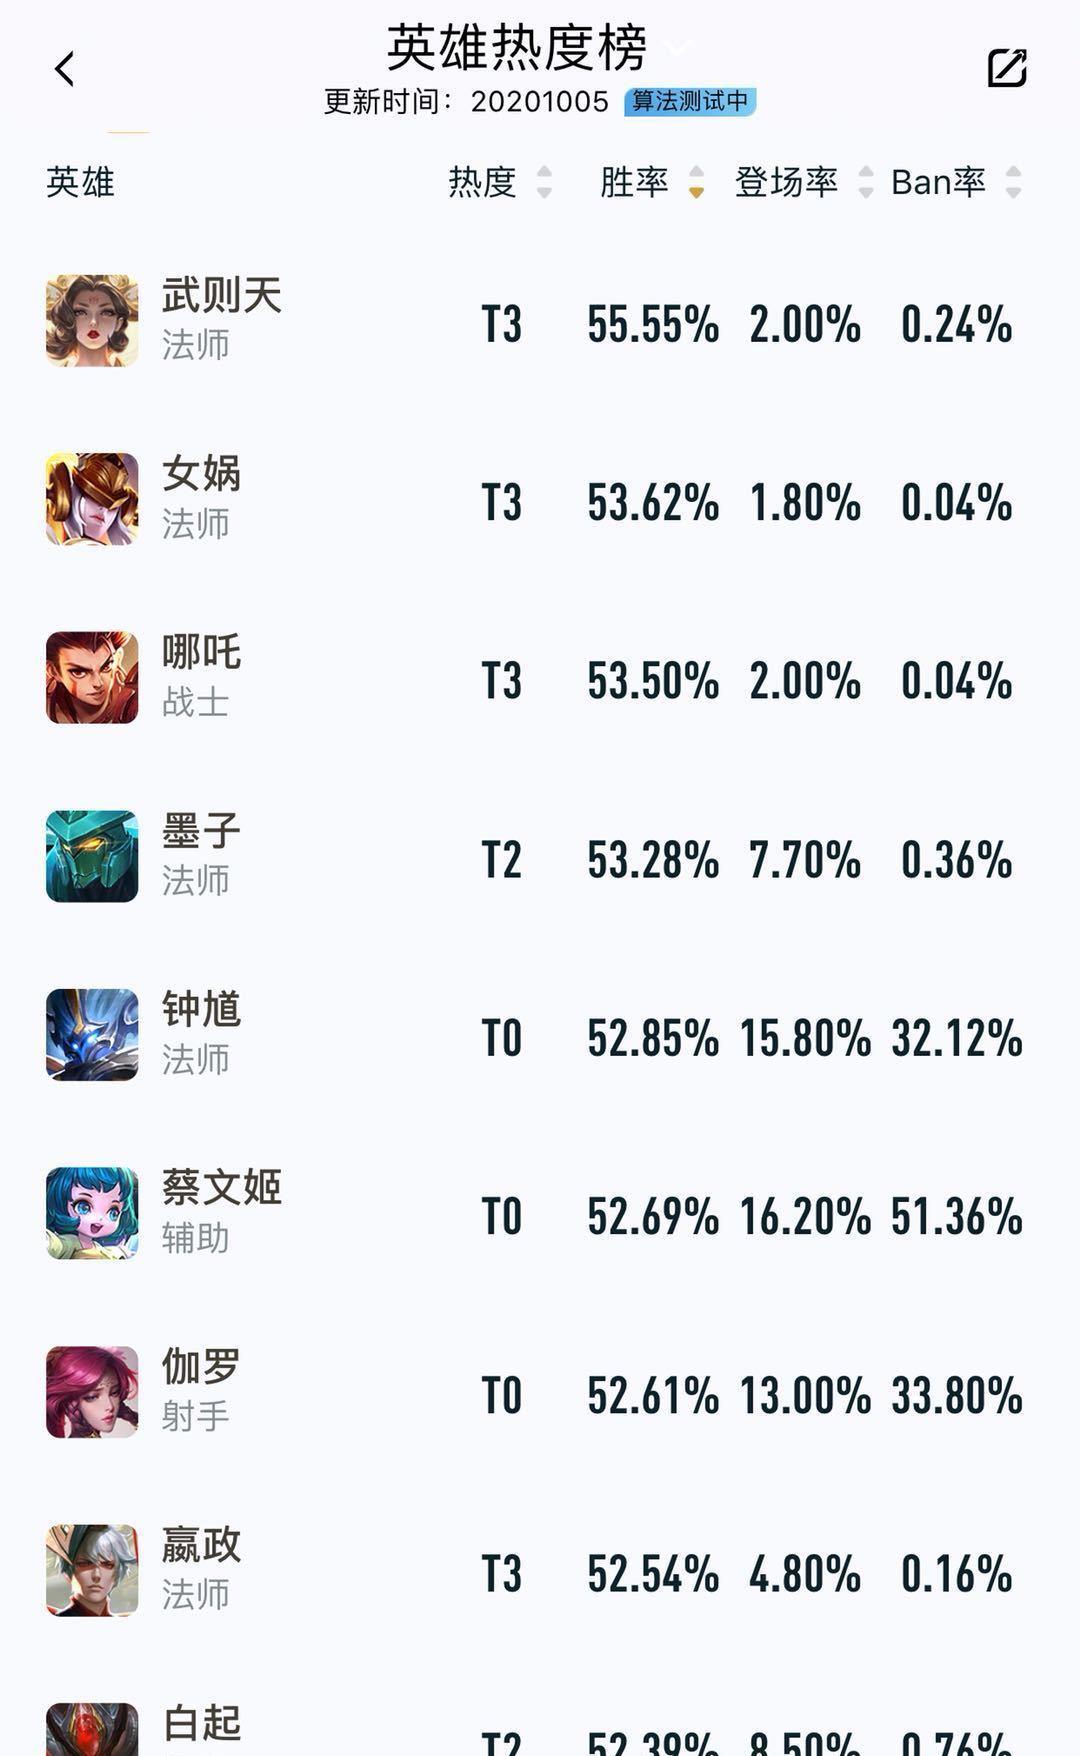 十大网游游戏排行榜_王者荣耀:S21新赛季,对抗路哪些英雄胜率更高?